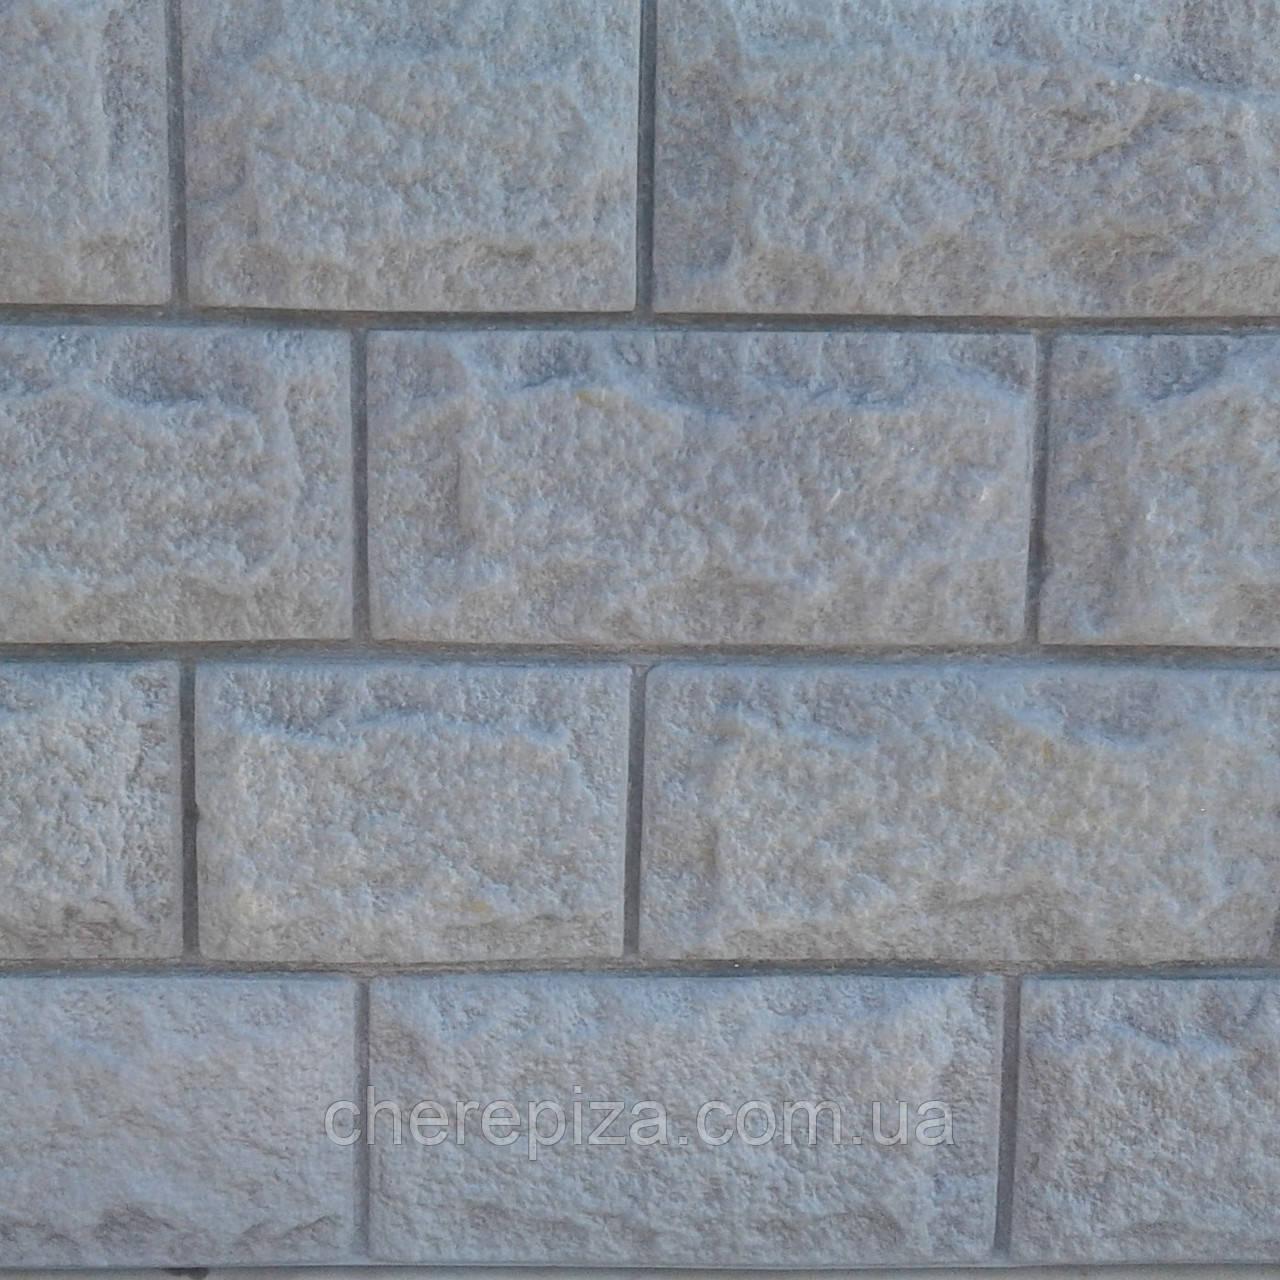 Термопанели фасадные под камень колотый (0,47 м.кв. - 1 шт)